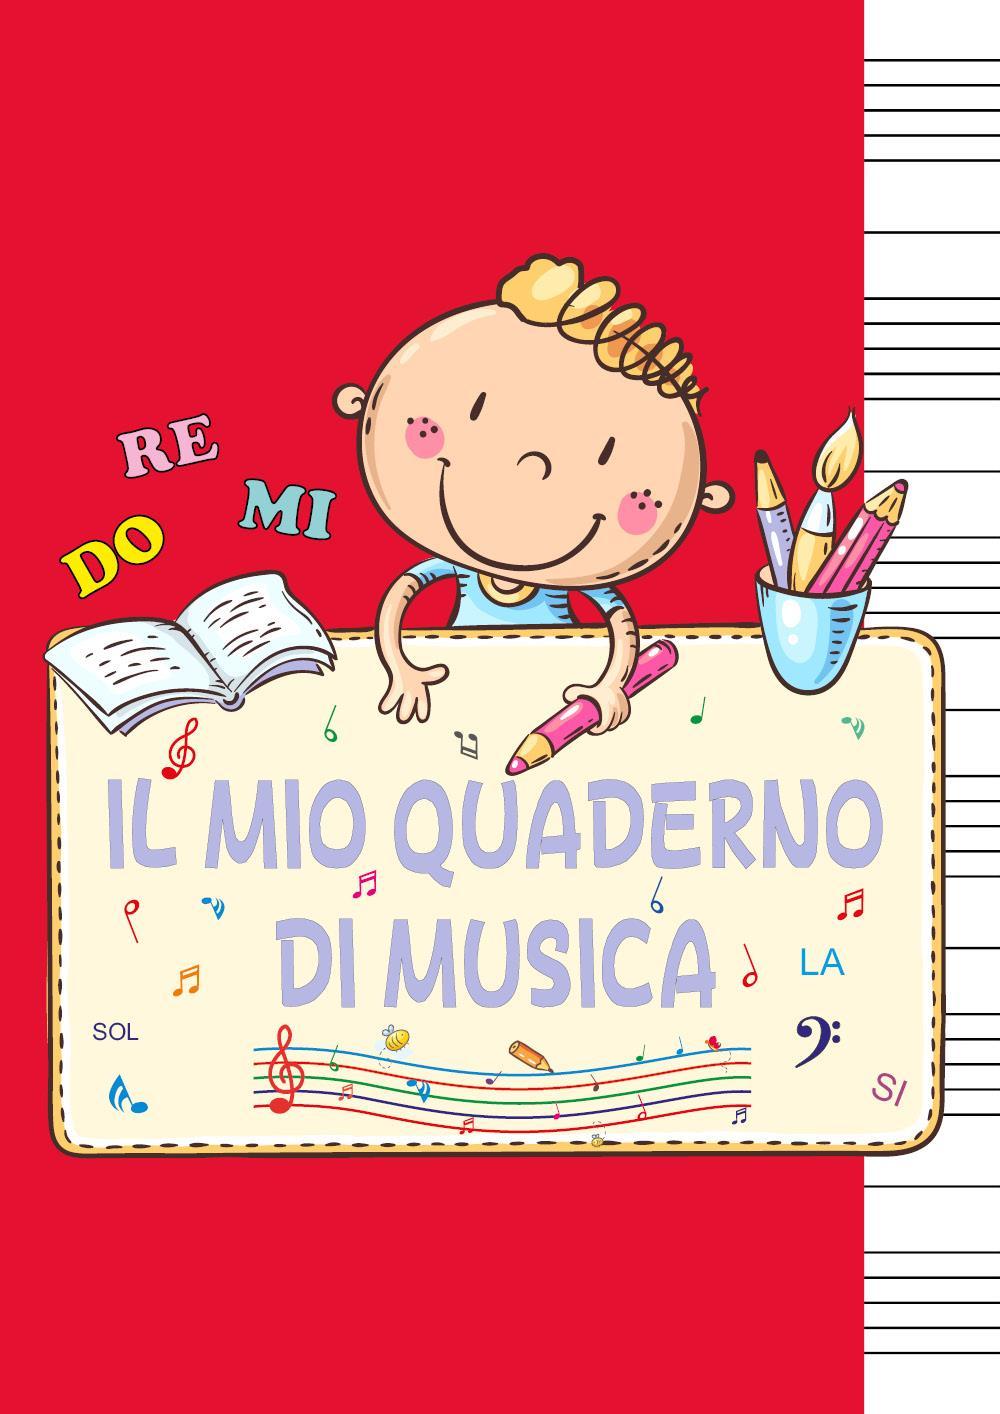 Il mio quaderno di musica